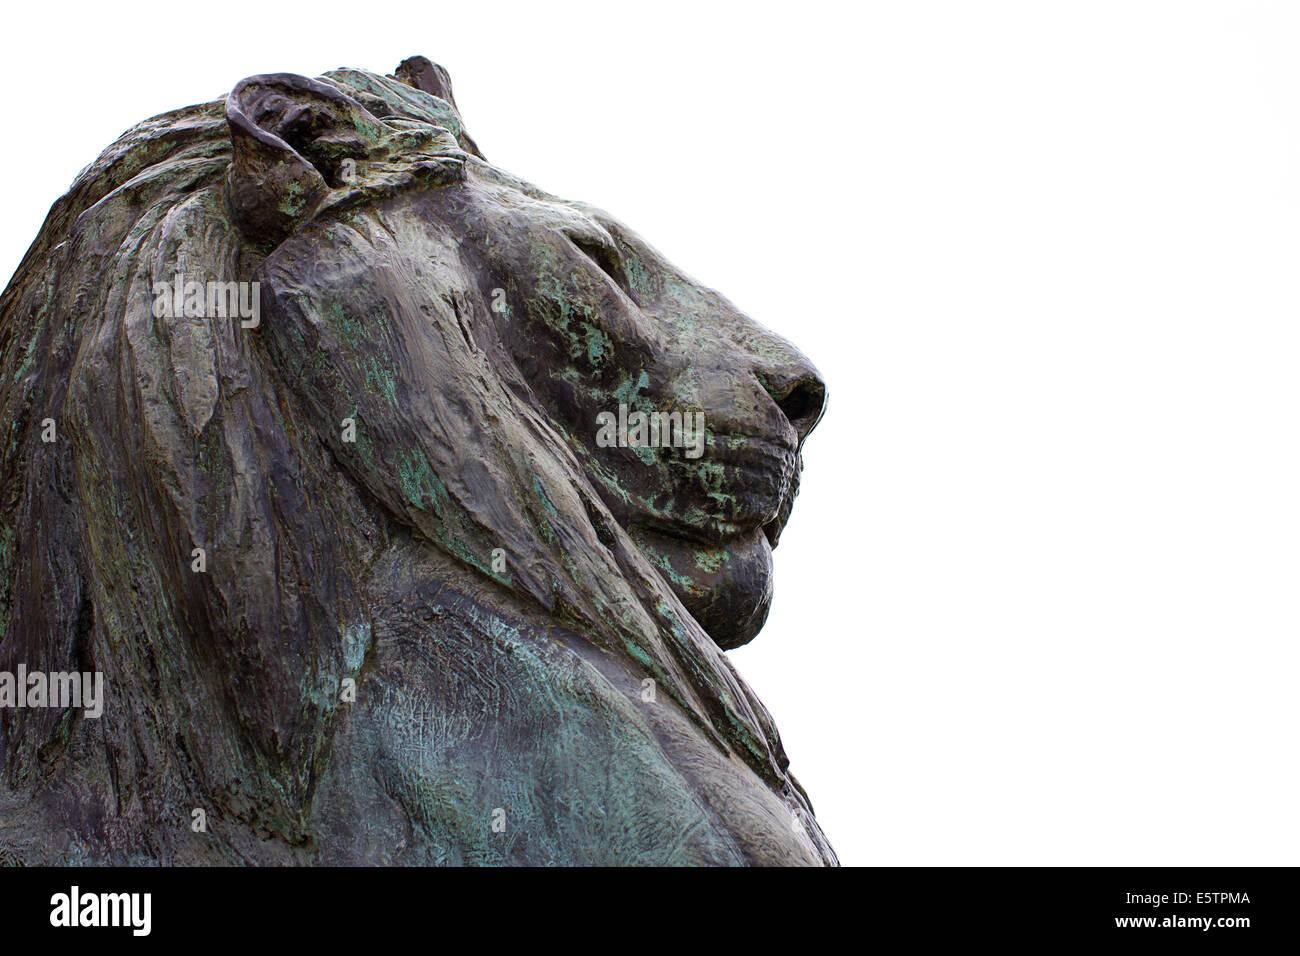 Bronze male lion statue - Stock Image